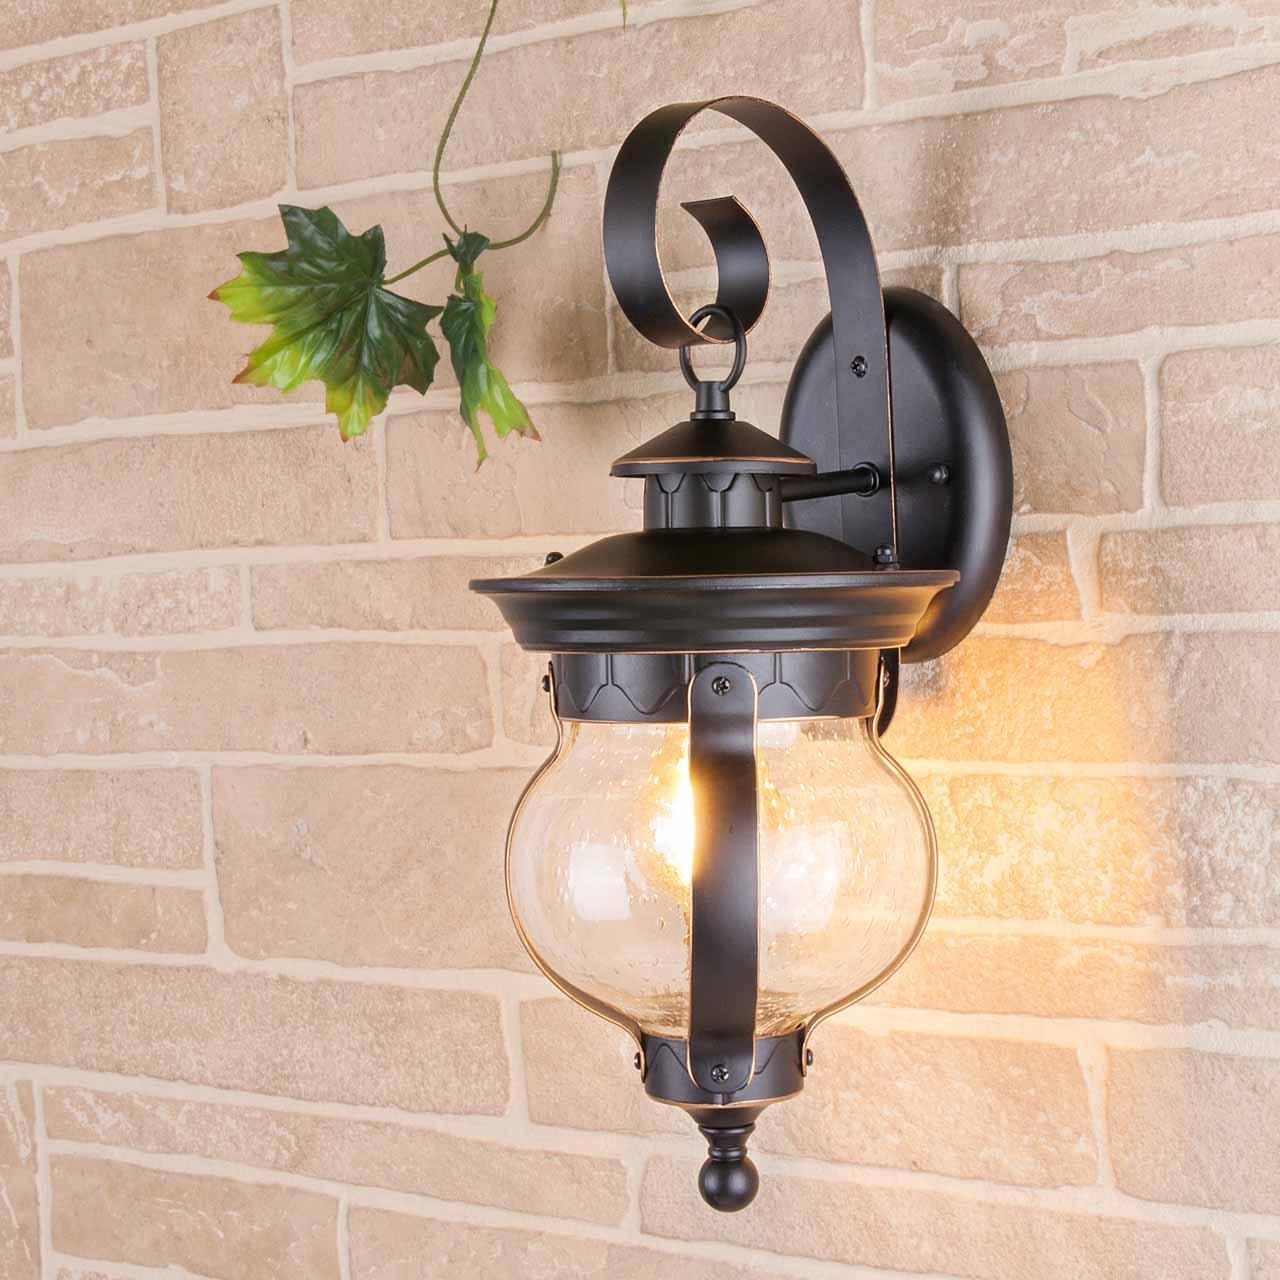 Уличный настенный светильник Elektrostandard Barrel D черное золото GL 1025D 4690389122040 elektrostandard настенный светильник elektrostandard cassiopeya d черное золото 4690389017315